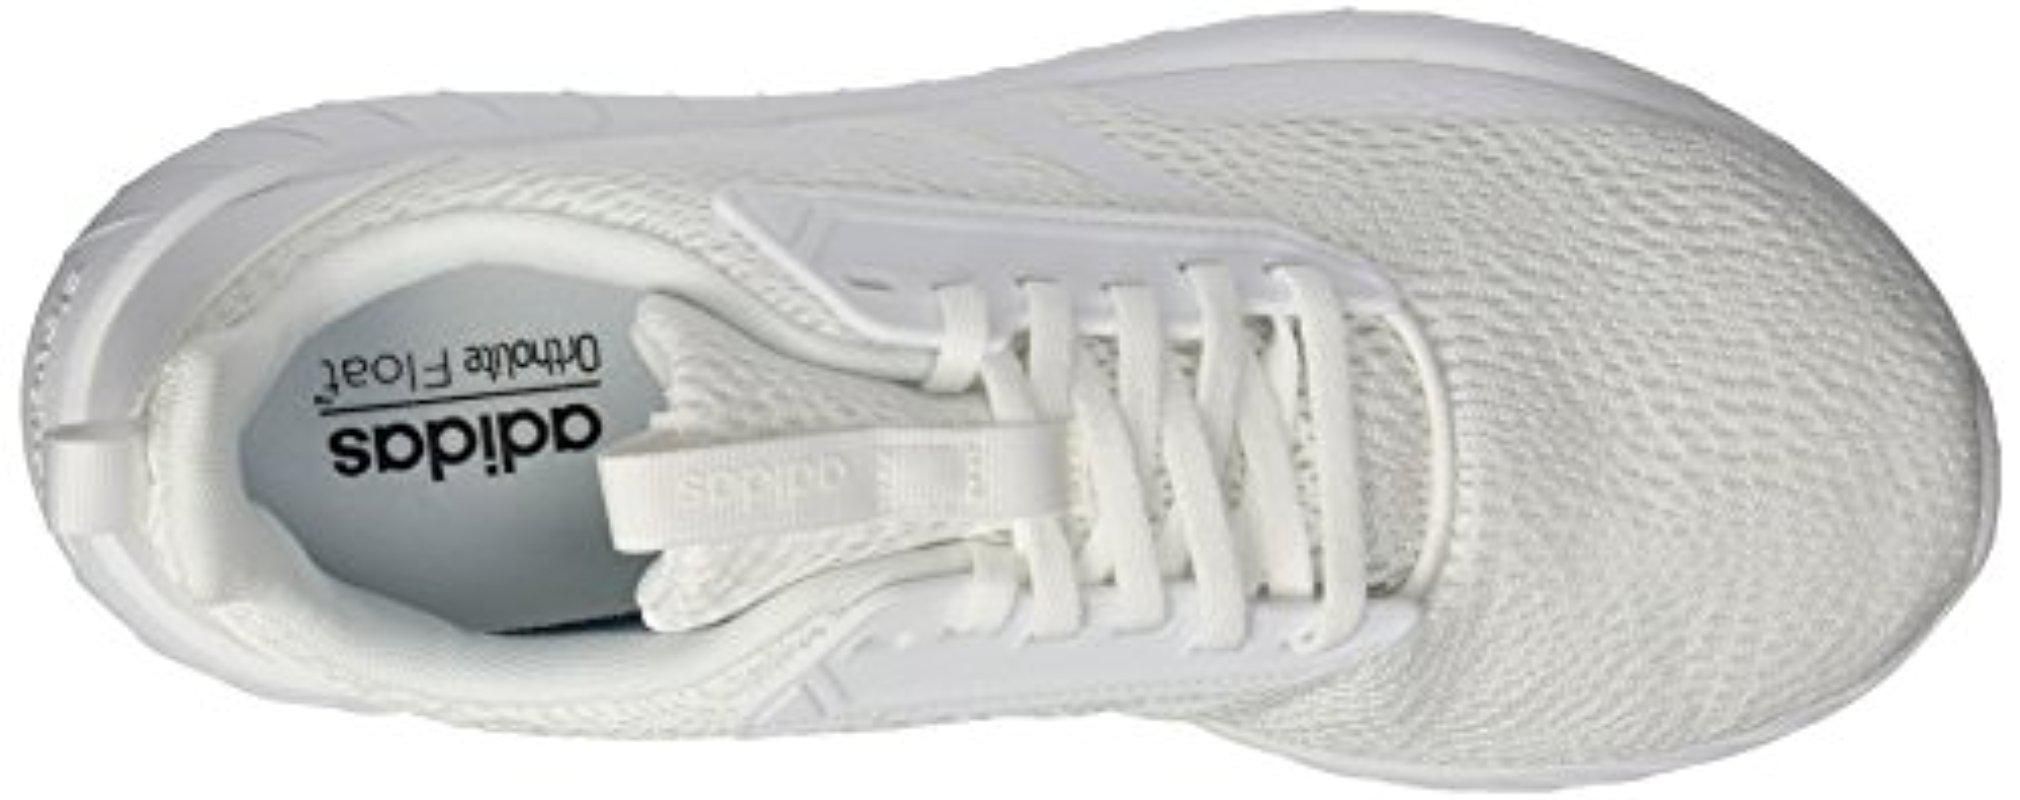 54c1864922f3 Lyst - adidas Questar Drive W in White